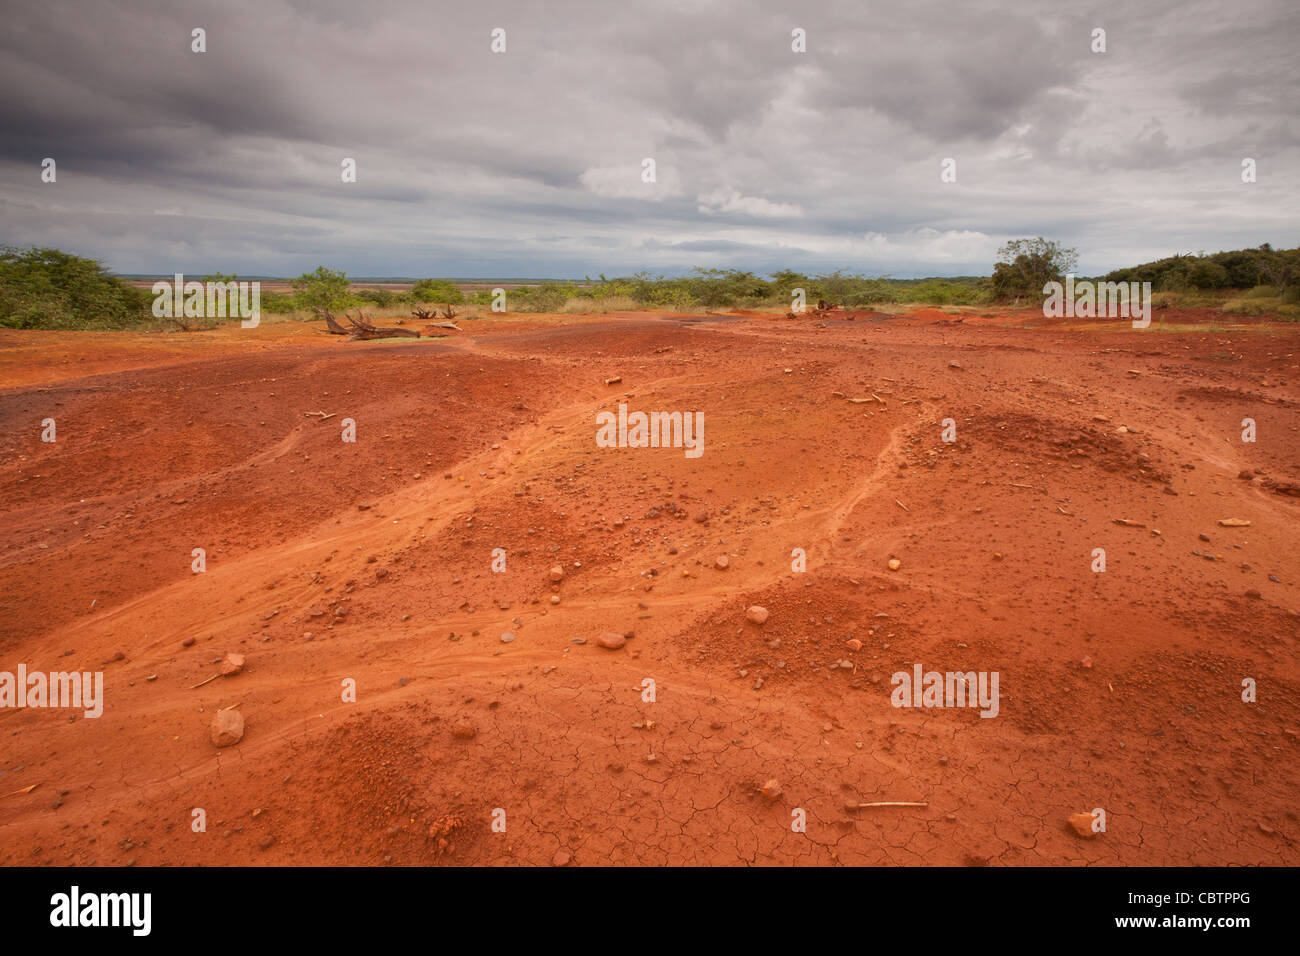 Area disboscate e suoli erosi in Sarigua national park (deserto) in Herrera provincia, Repubblica di Panama. Immagini Stock